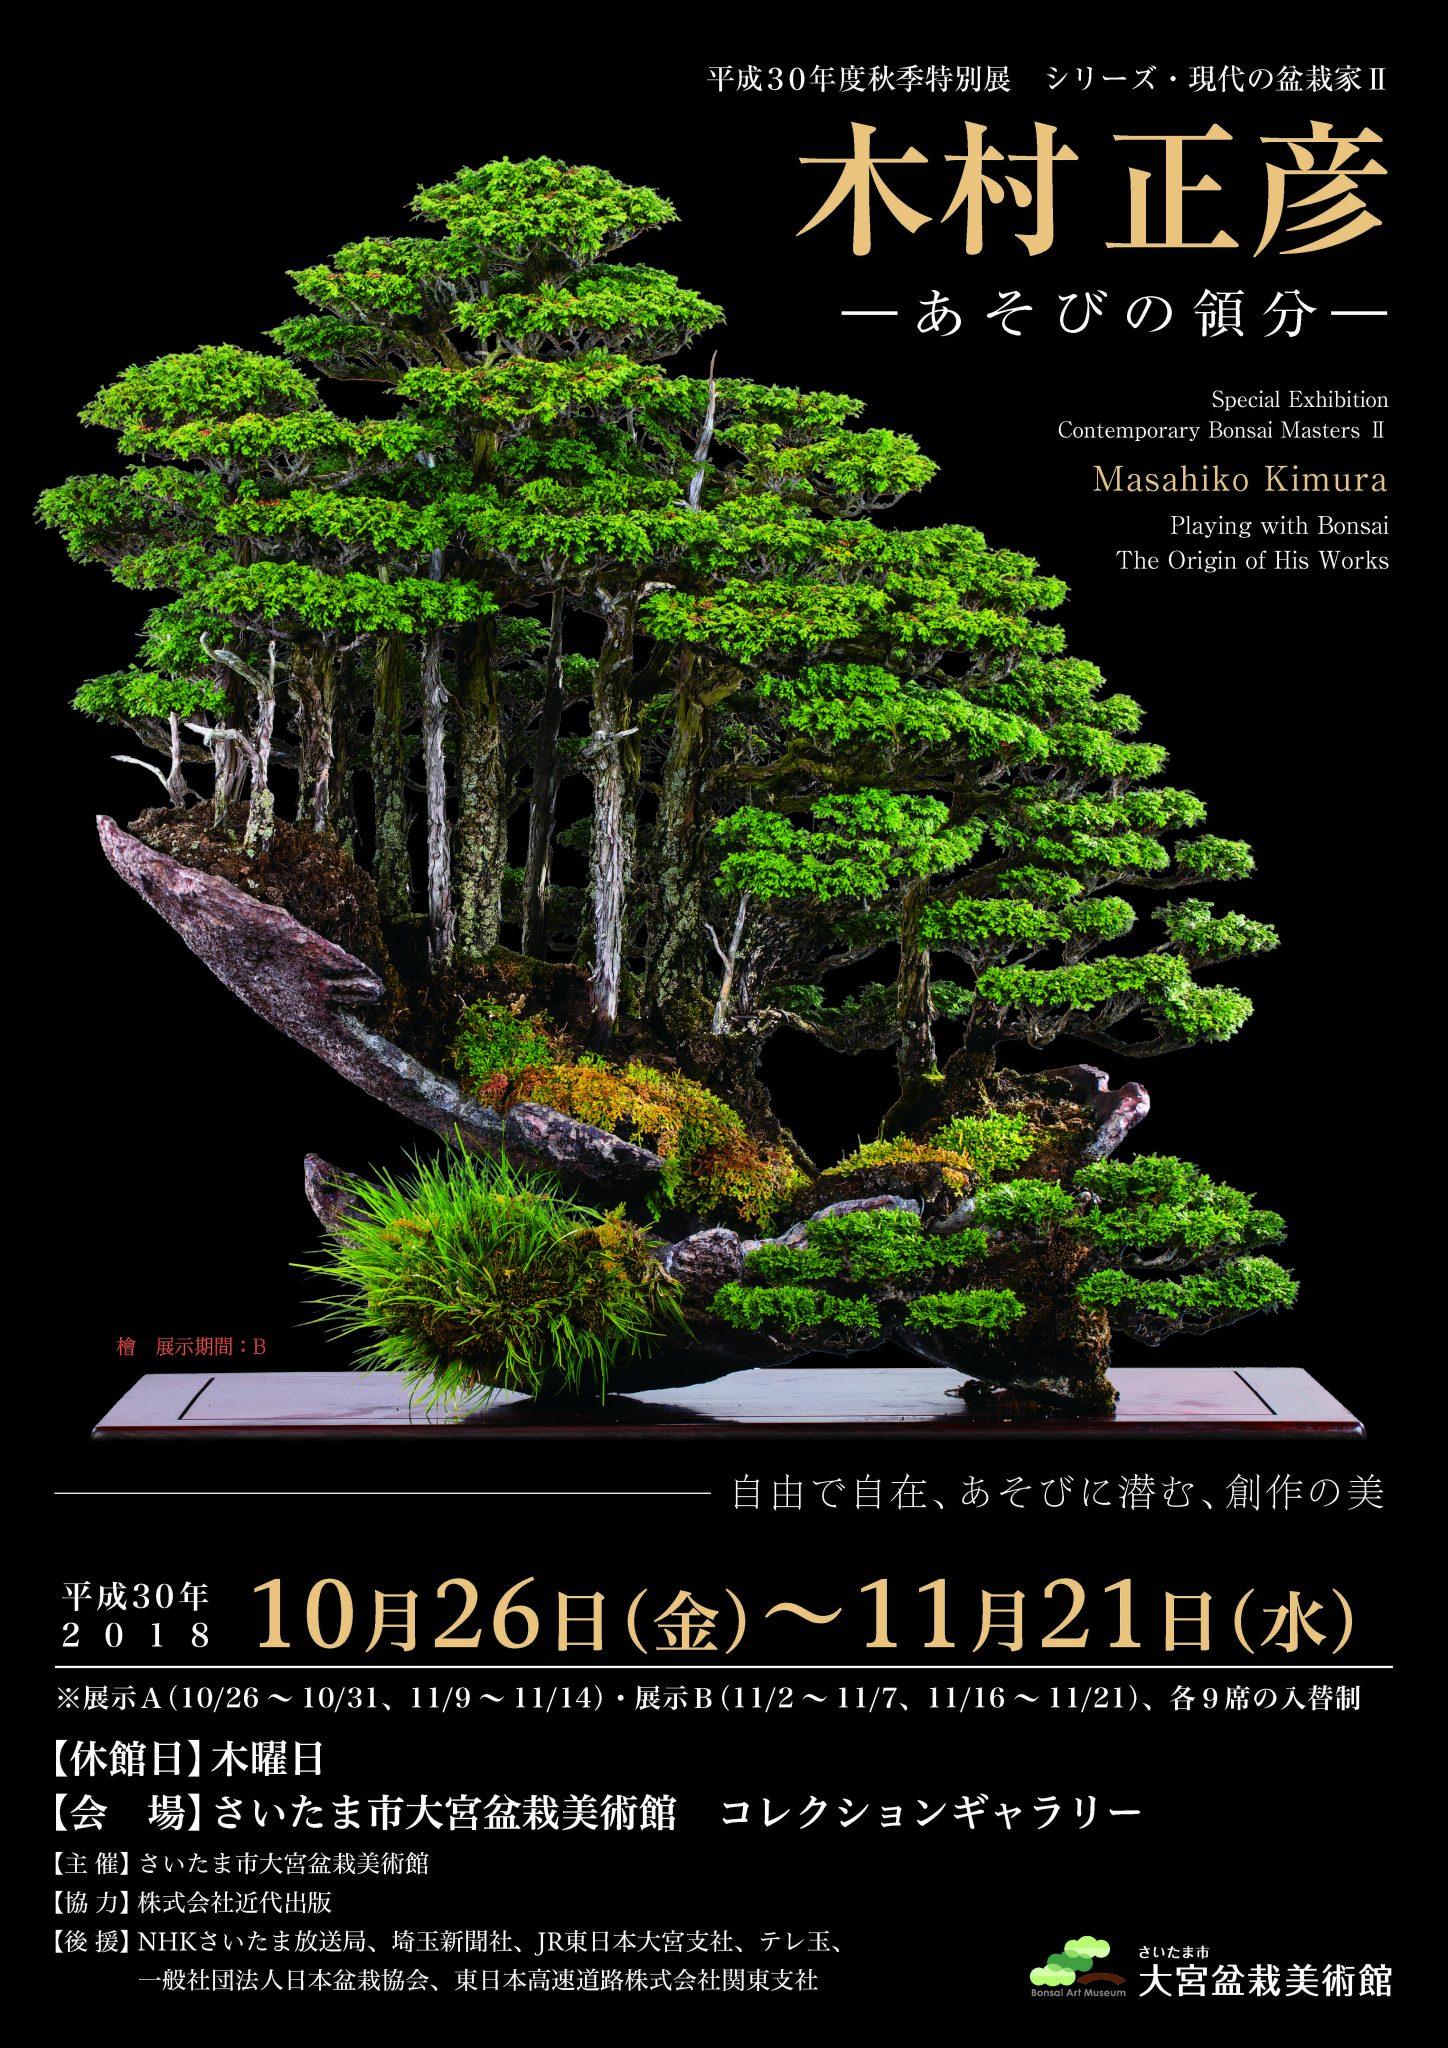 秋季特別展「シリーズ・現代の盆栽家Ⅱ 木村正彦―あそびの領分」